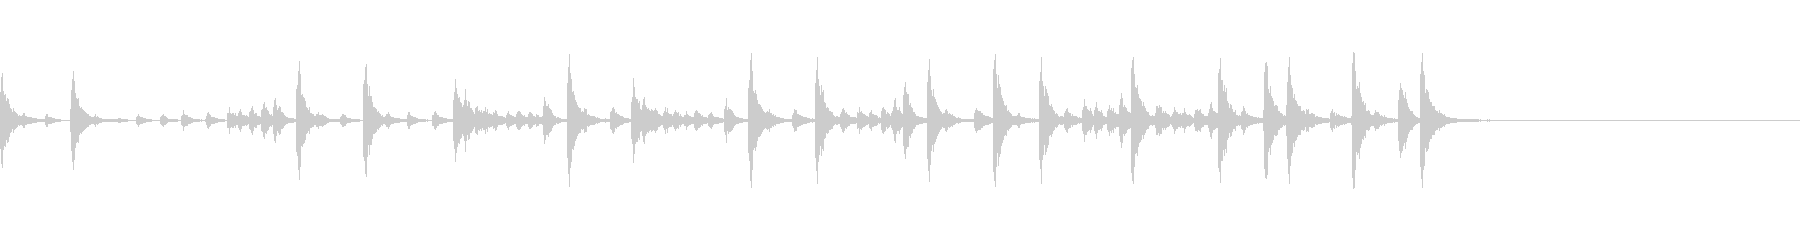 生ドラム_4小節マーチングの未再生の波形